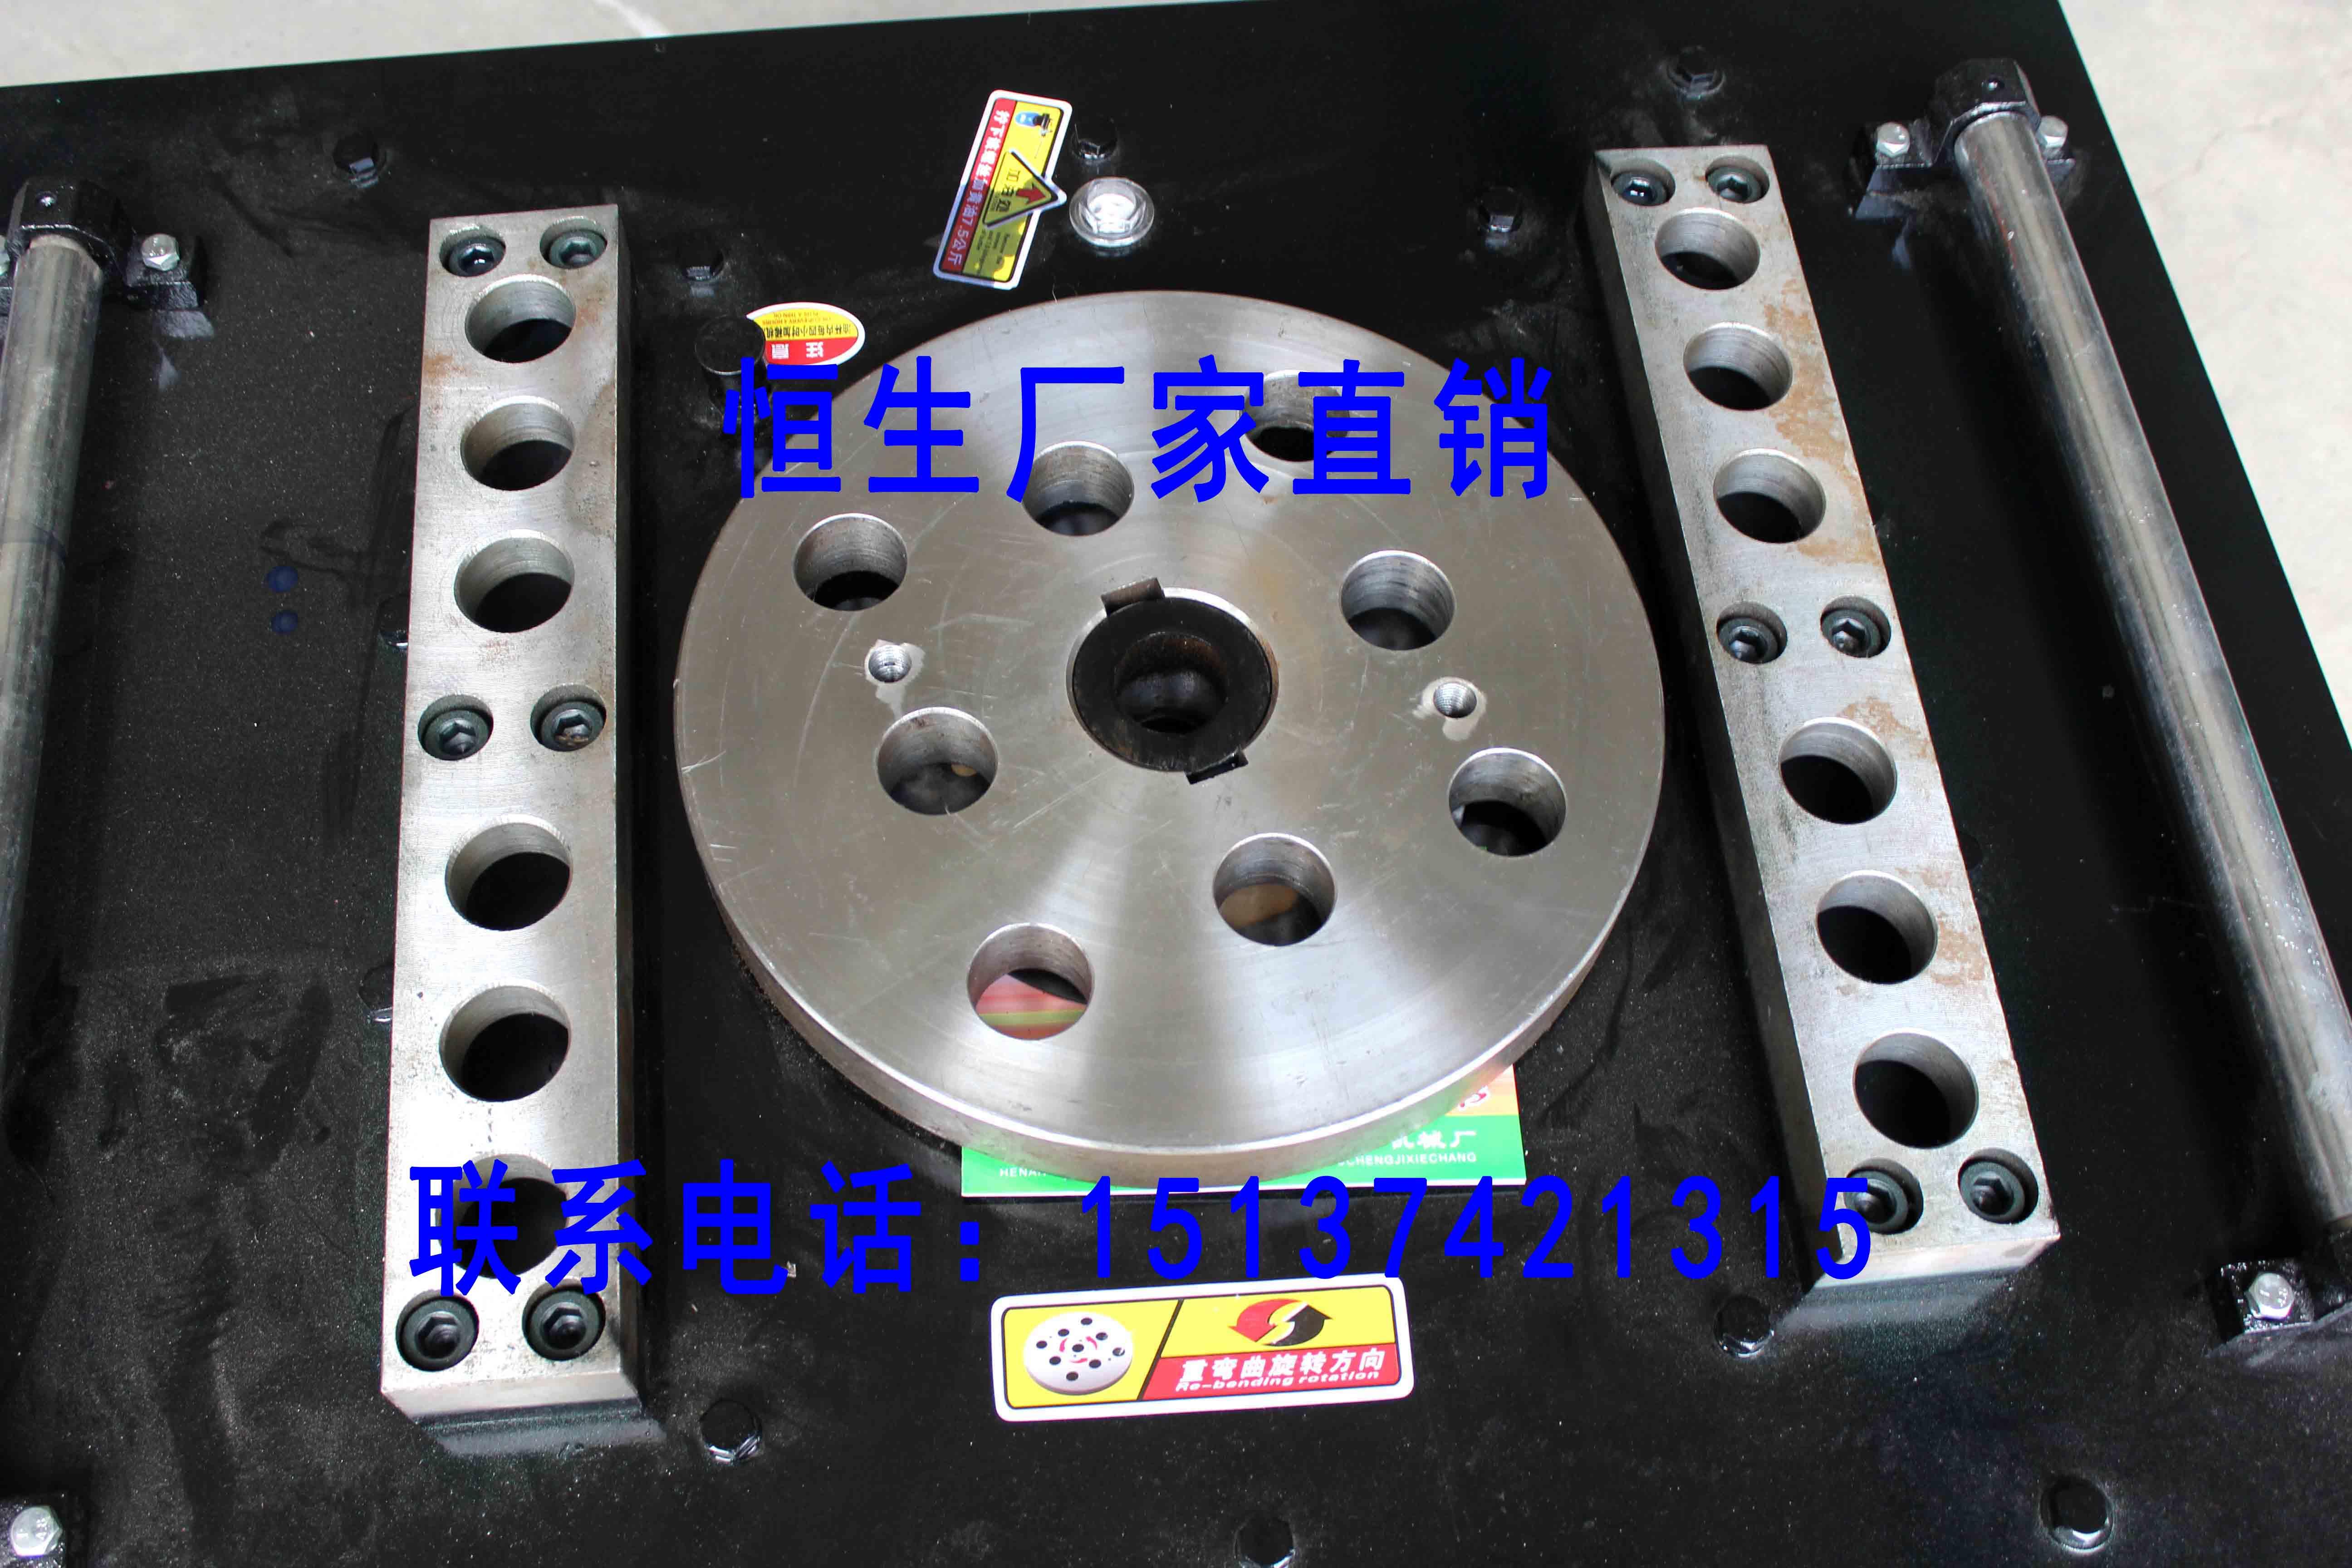 许昌专业的数控钢筋弯曲机规格-郑州数控钢筋弯曲机